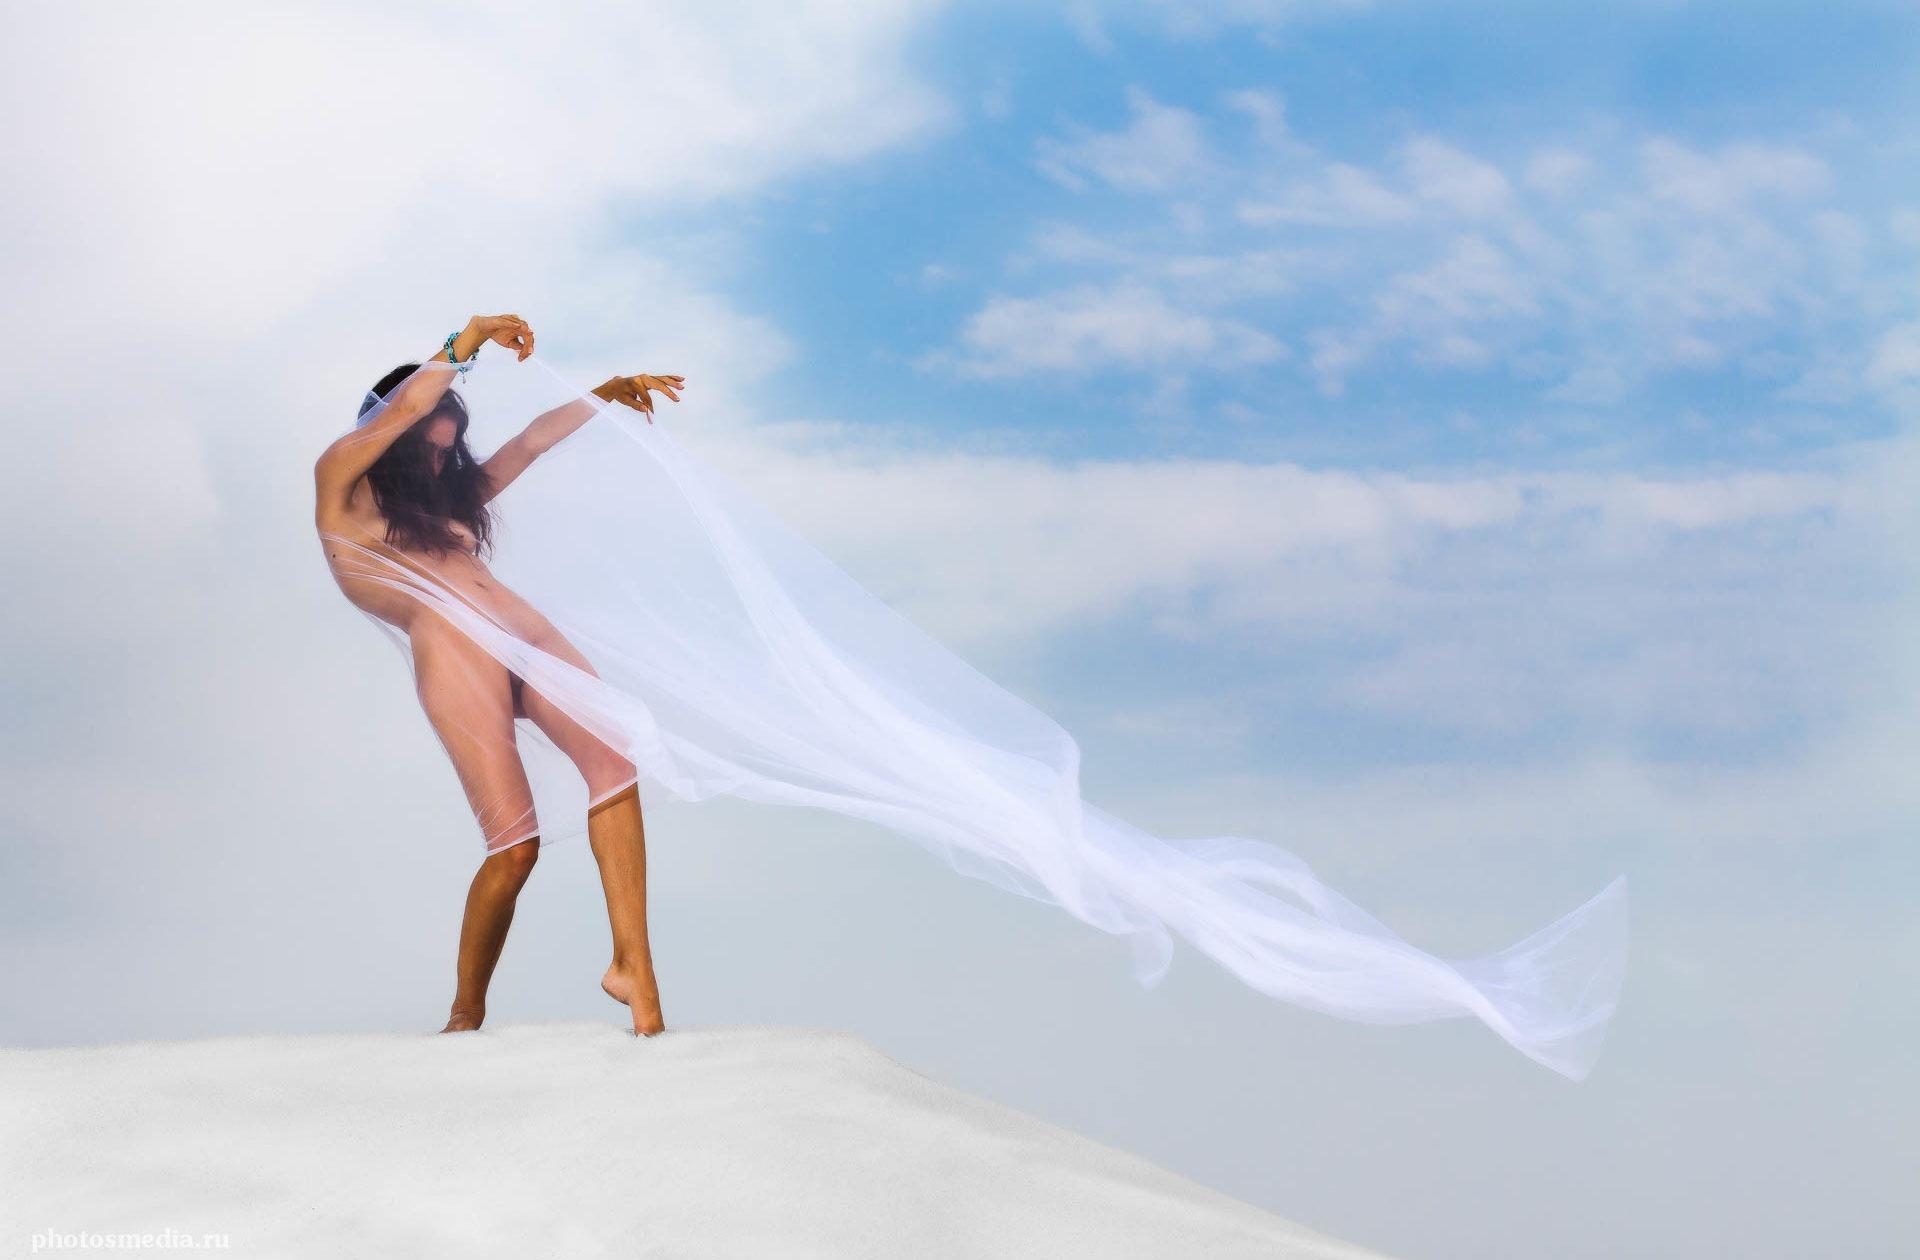 """Вызывающая ветер. Пленер 2013. """"Ветер и песок"""". Фотограф Вадим Кукшинов. Модель Дарья Лянка."""